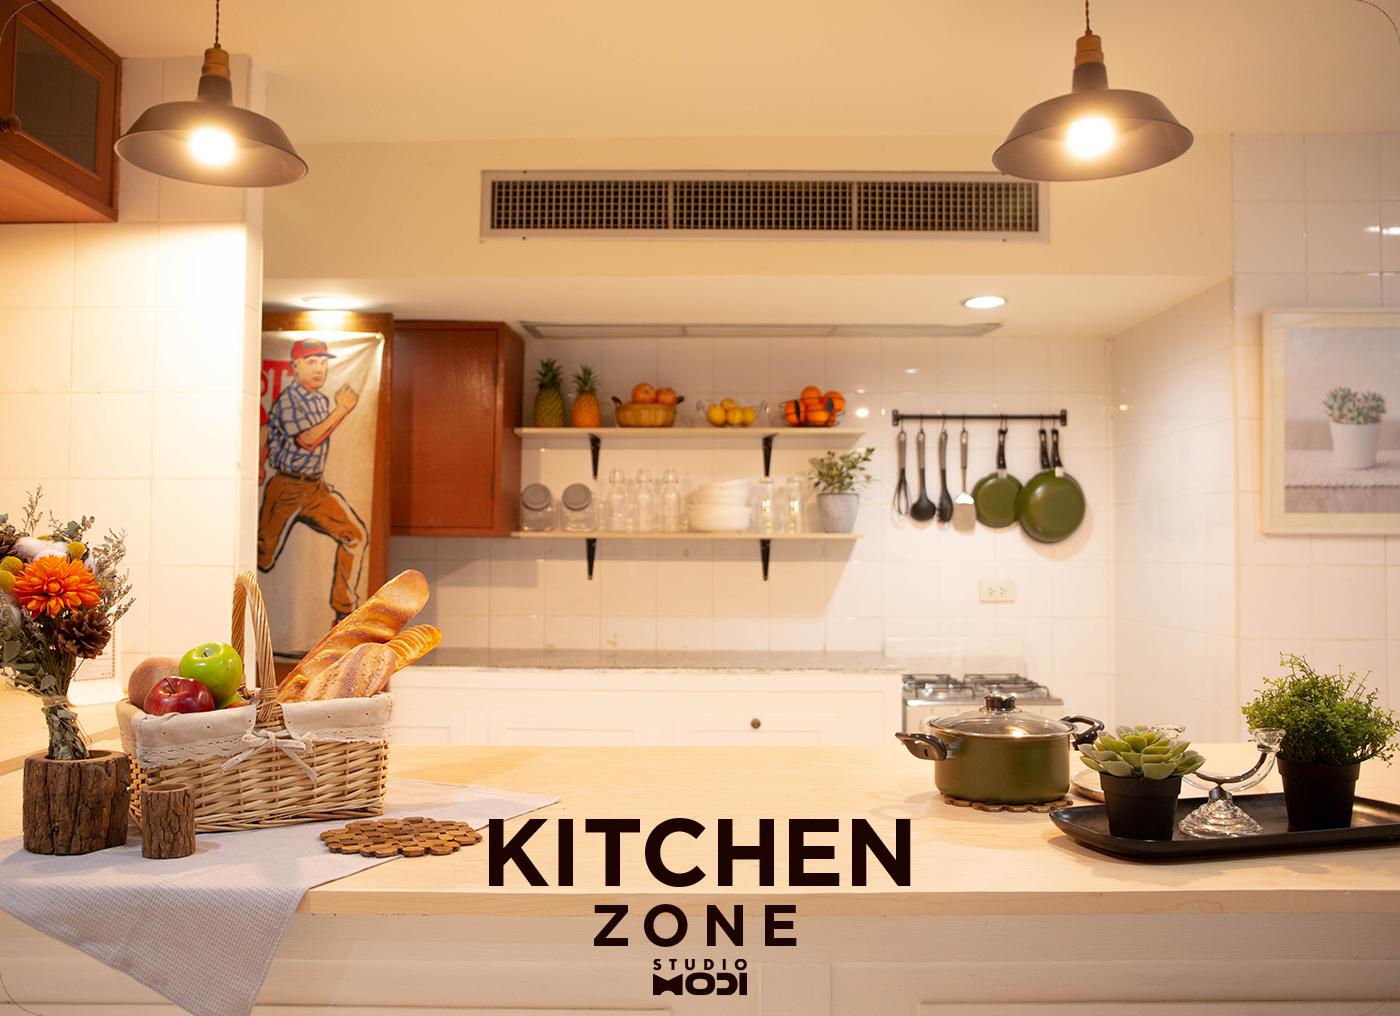 kitchen zone